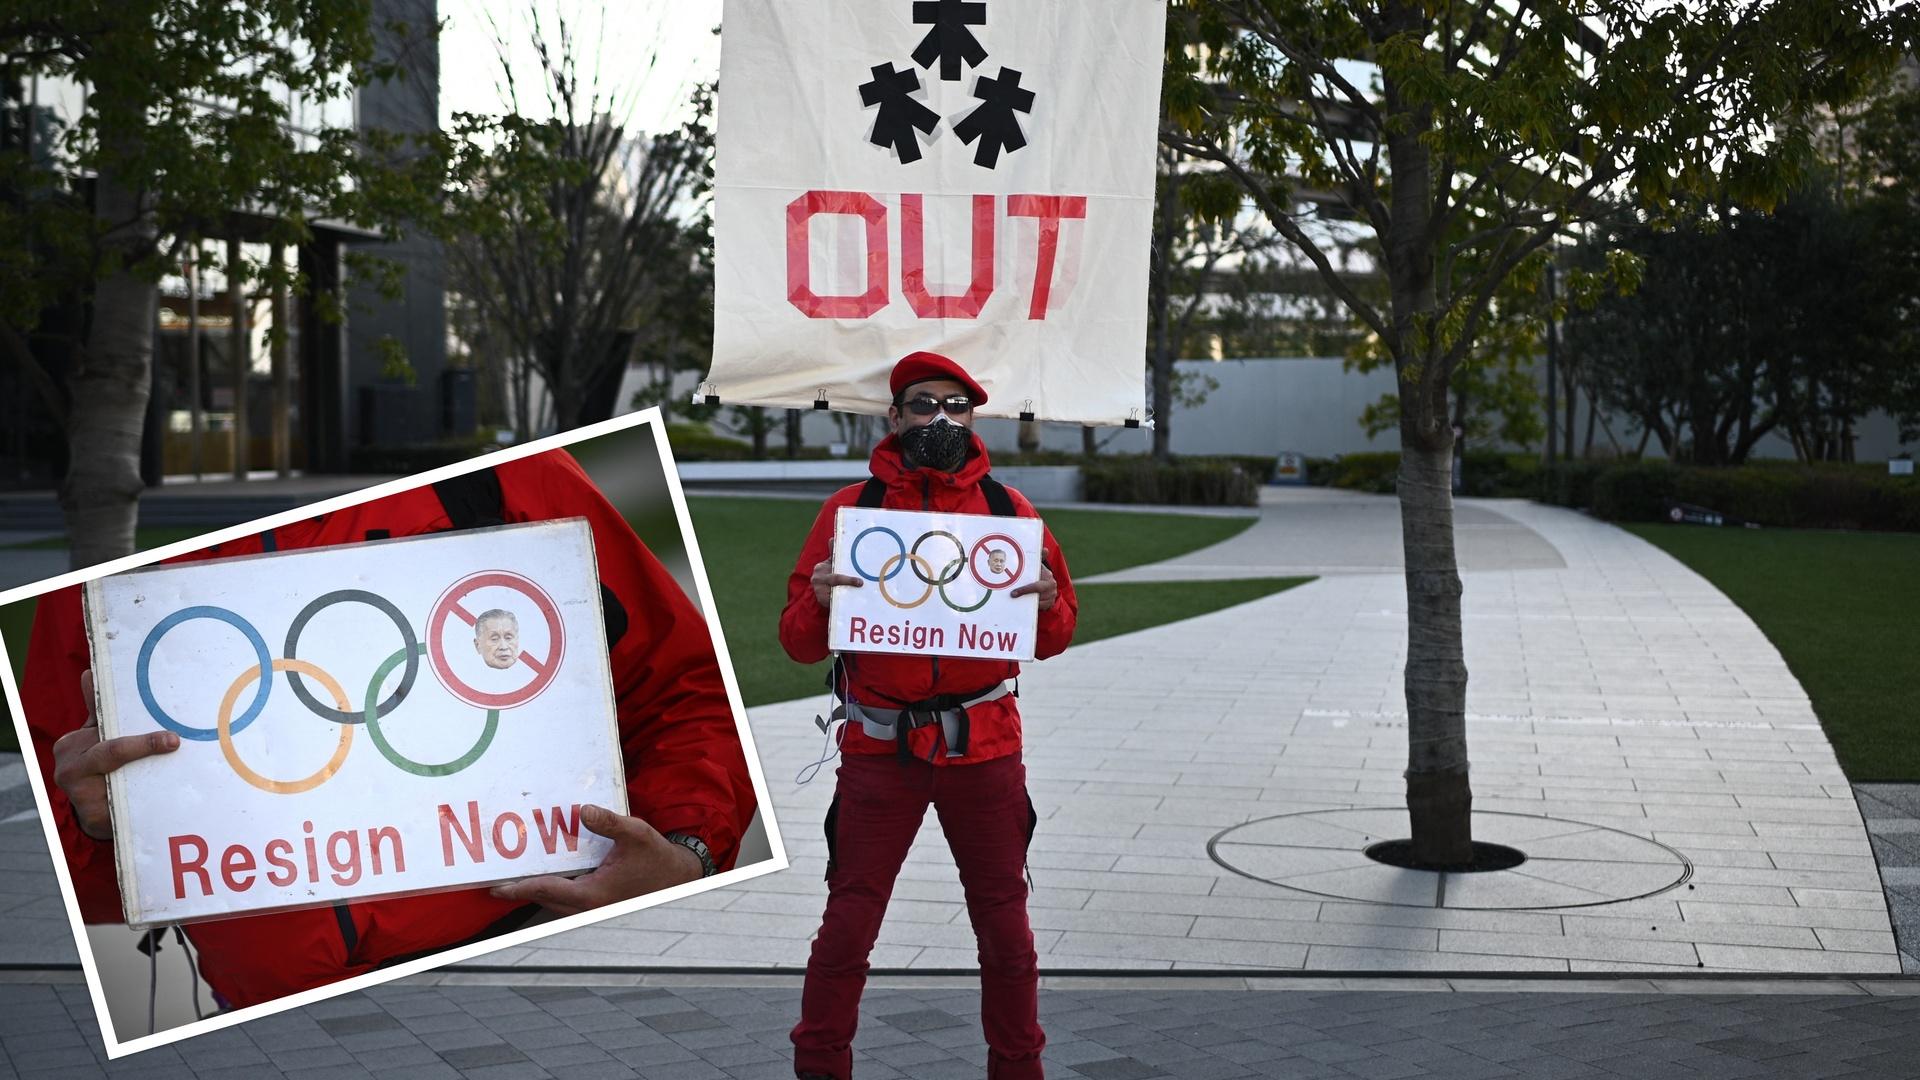 استقالة رئيس اللجنة المنظمة لأولمبياد طوكيو على خلفية تصريحات مسيئة للنساء